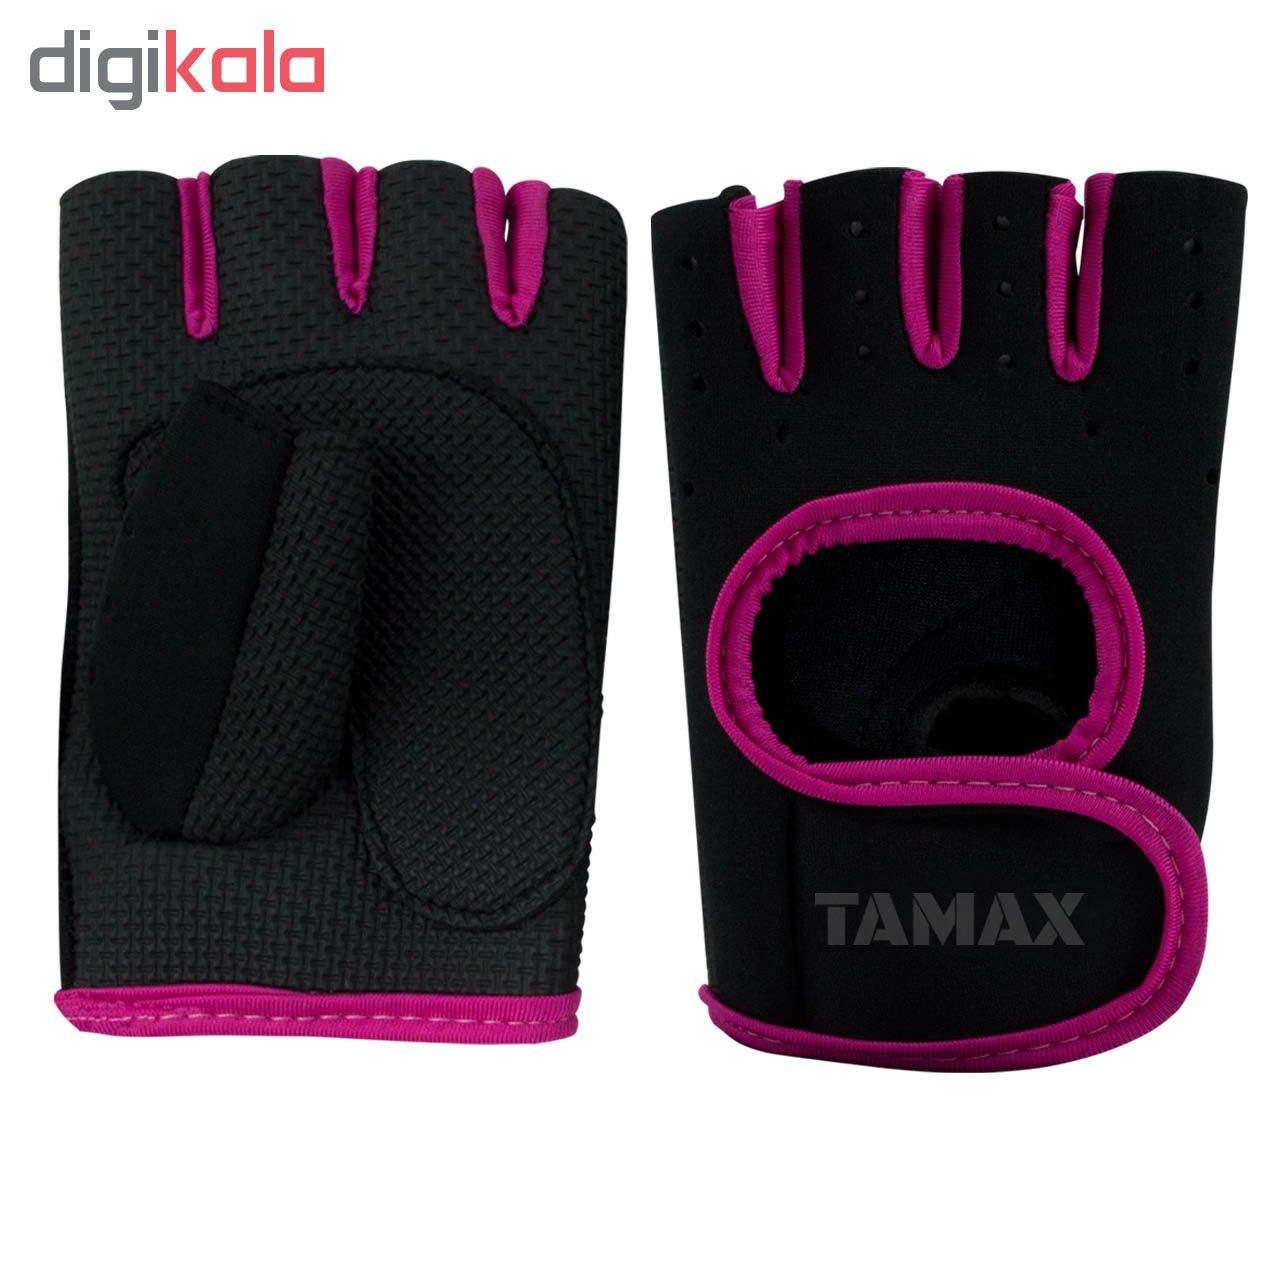 دستکش بدنسازی زنانه تامکس مدل 0803-Pink main 1 1